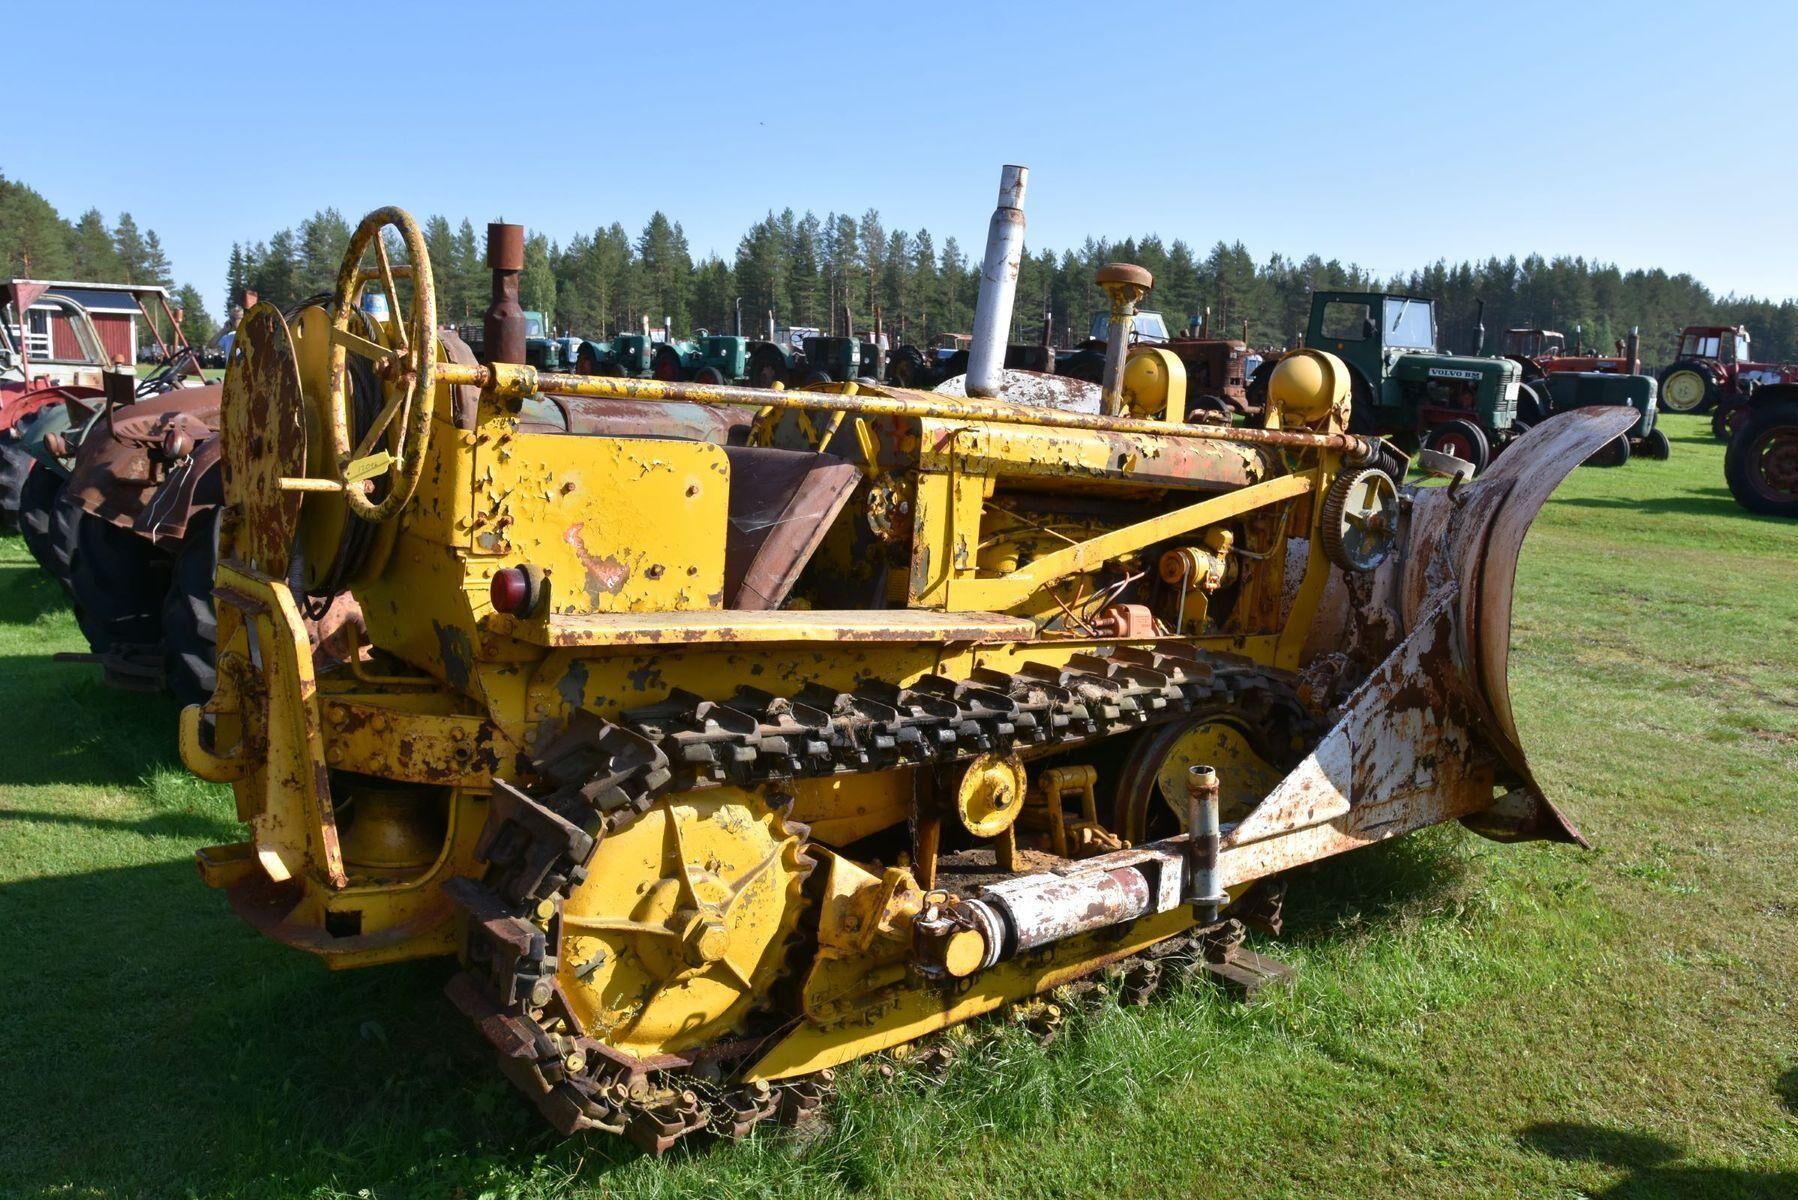 Före detta militär bandschaktare Allis Chalmers 4-cylinder från 1940-talet.